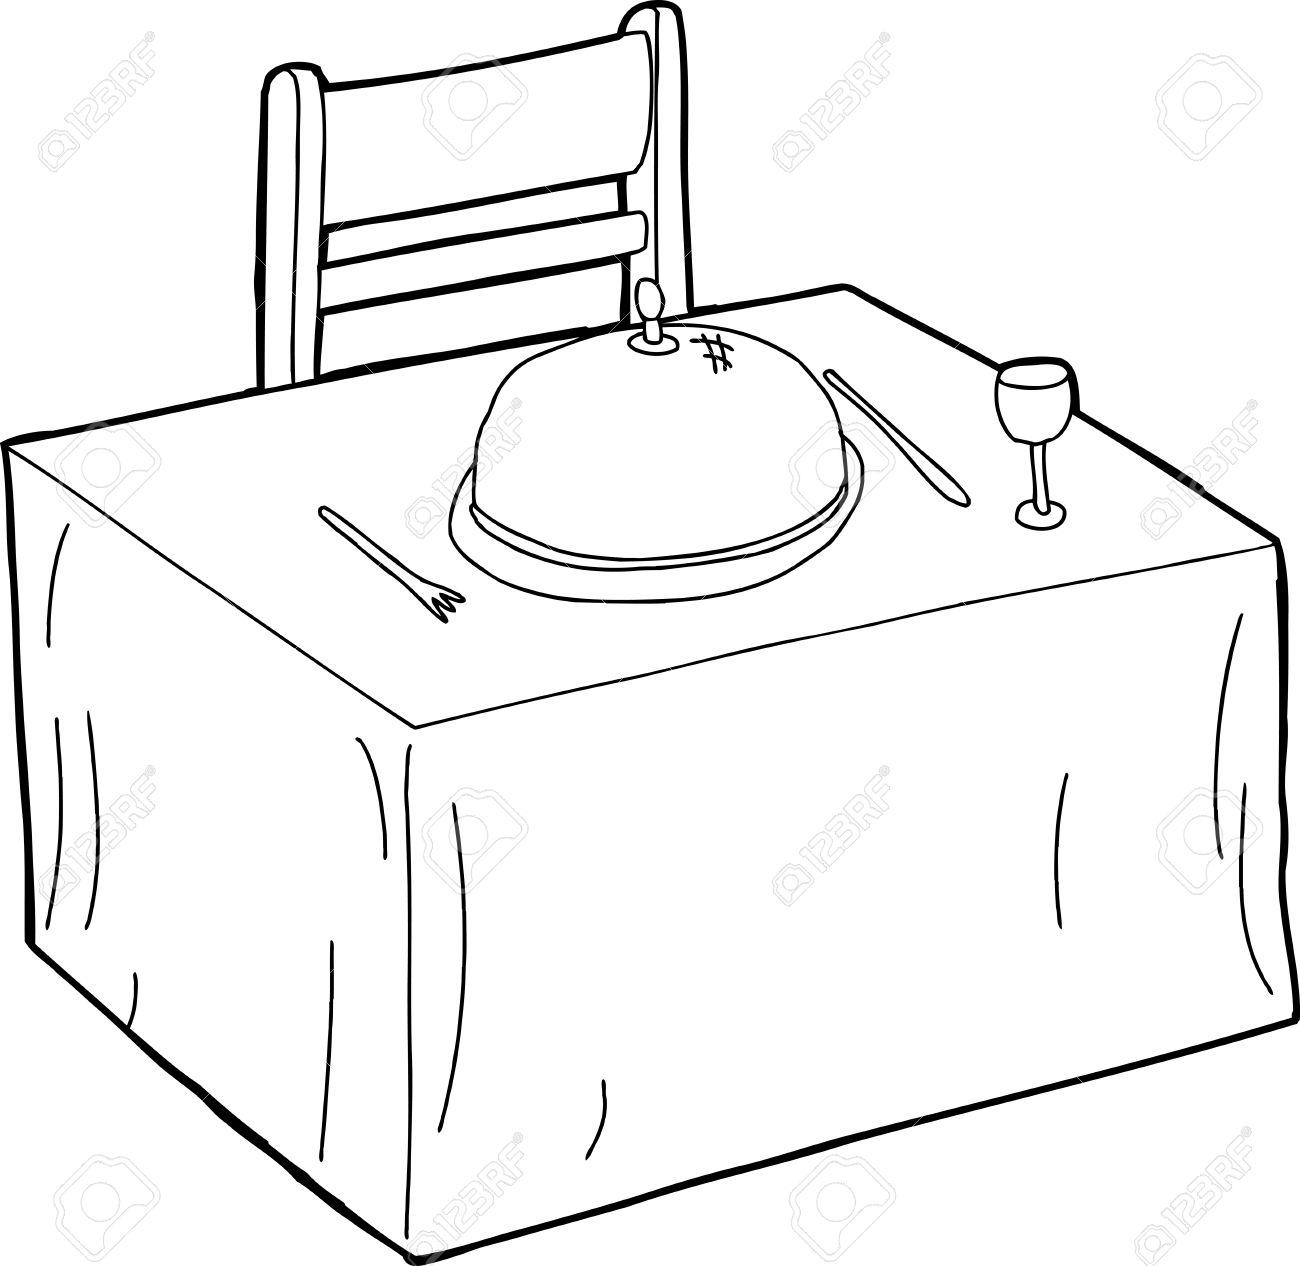 Stuhl gezeichnet  Hand Gezeichnete Umriss Karikatur Esstisch Mit Stuhl Lizenzfrei ...